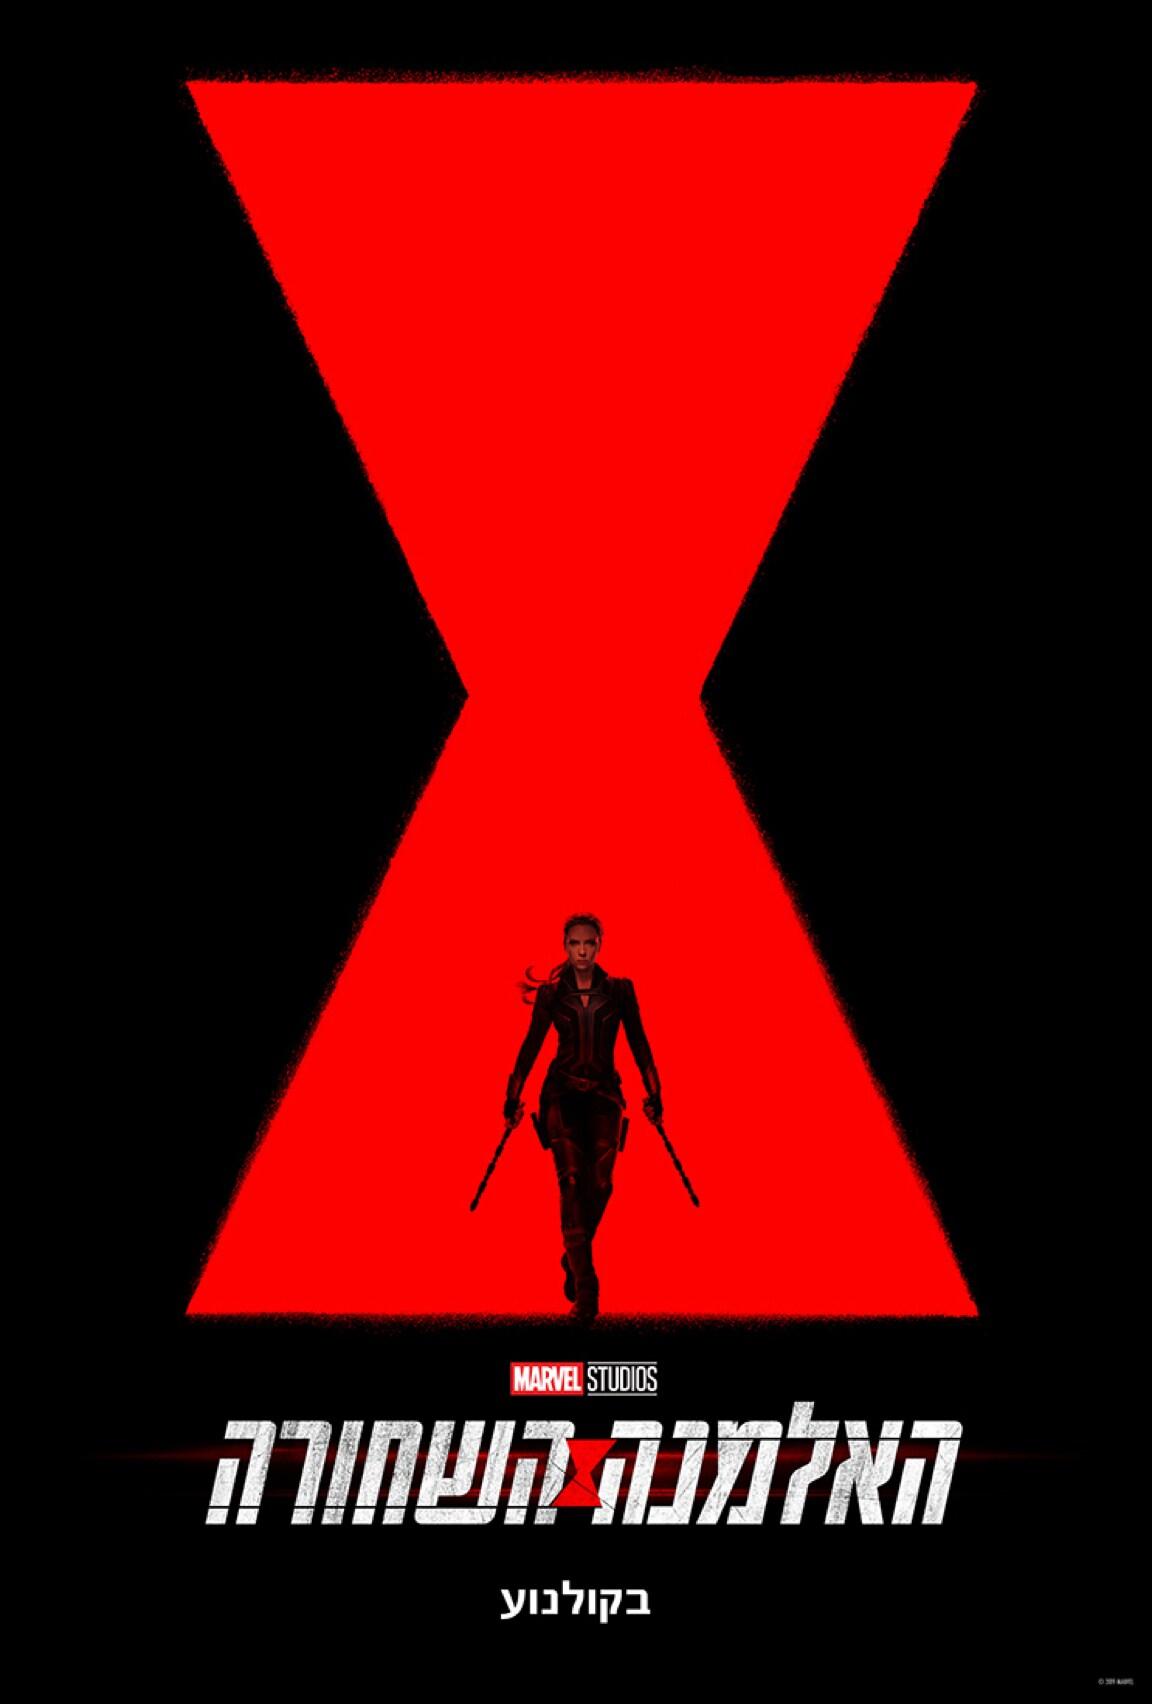 צללית האלמנה השחורה על רקע לוגו הסרט